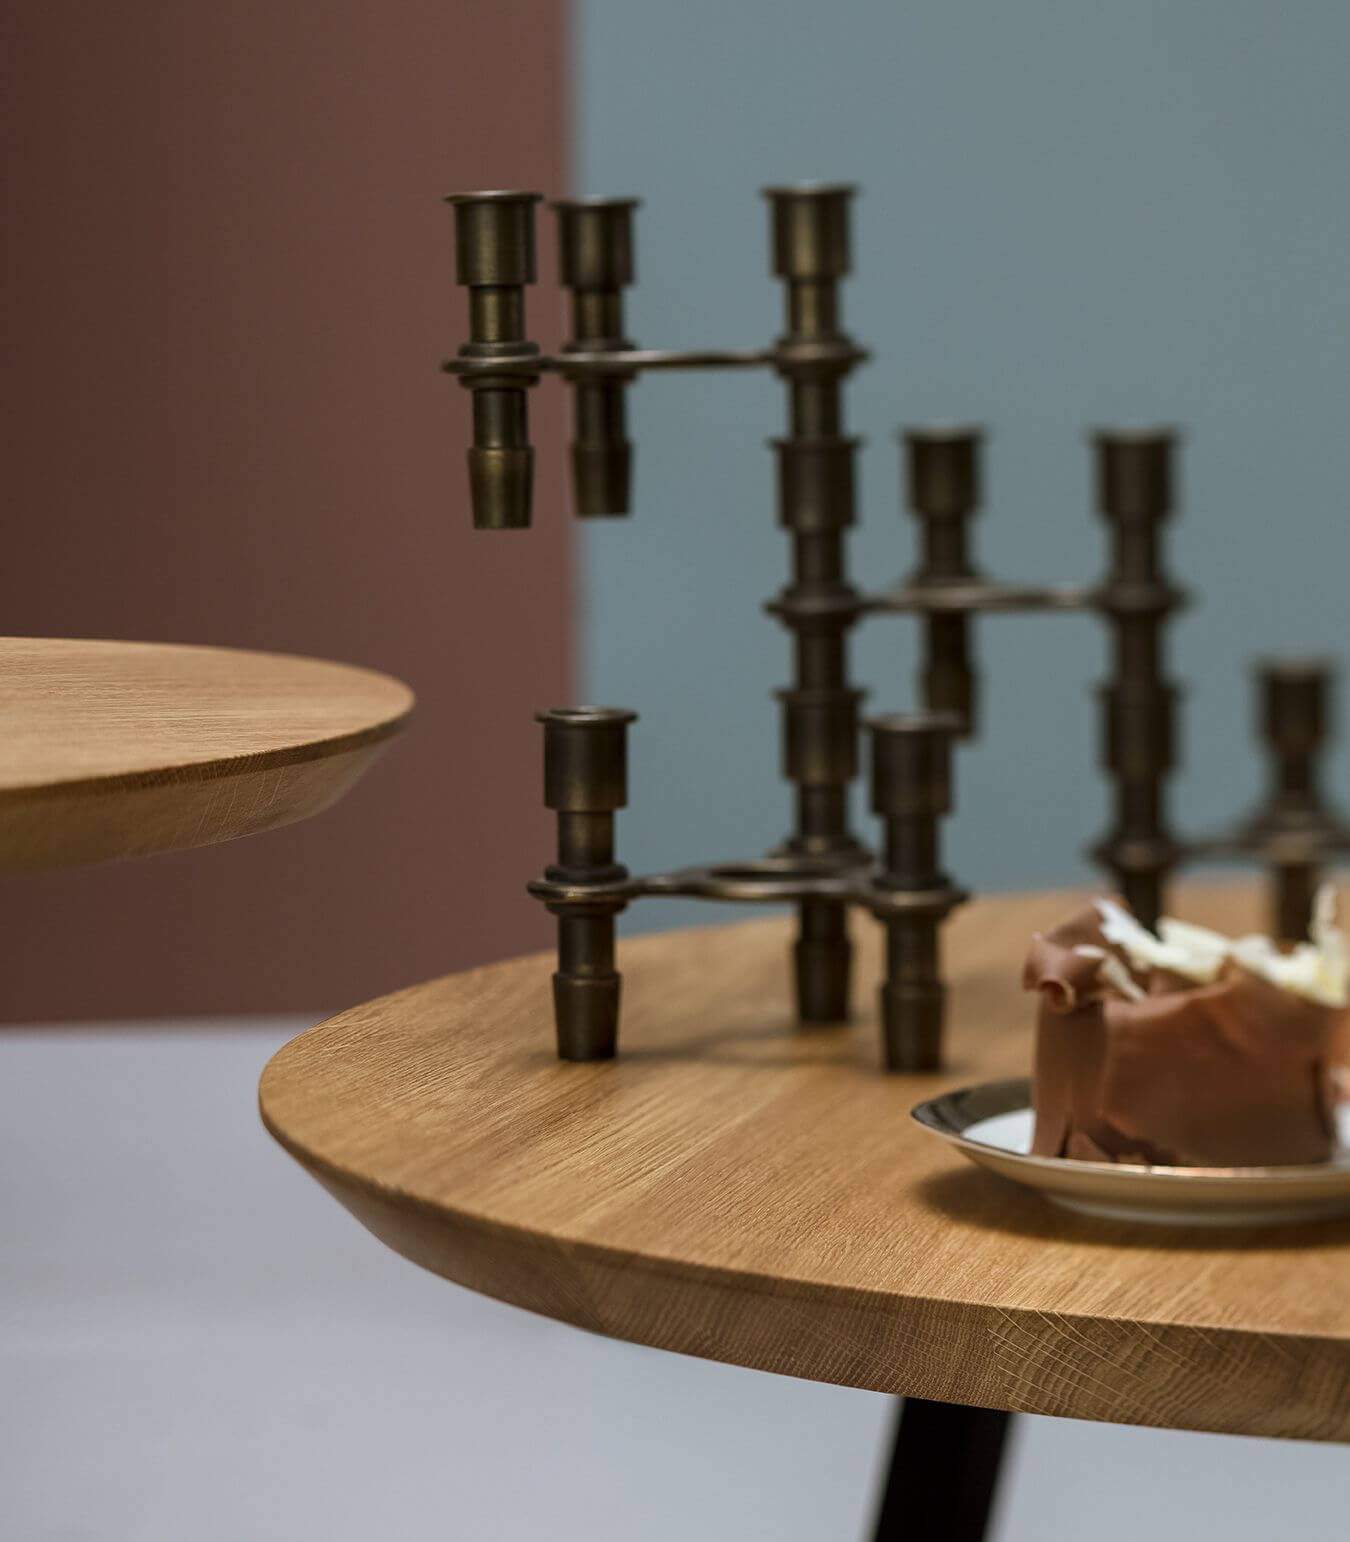 stoliki w stylu skandynawskim - take me HOME